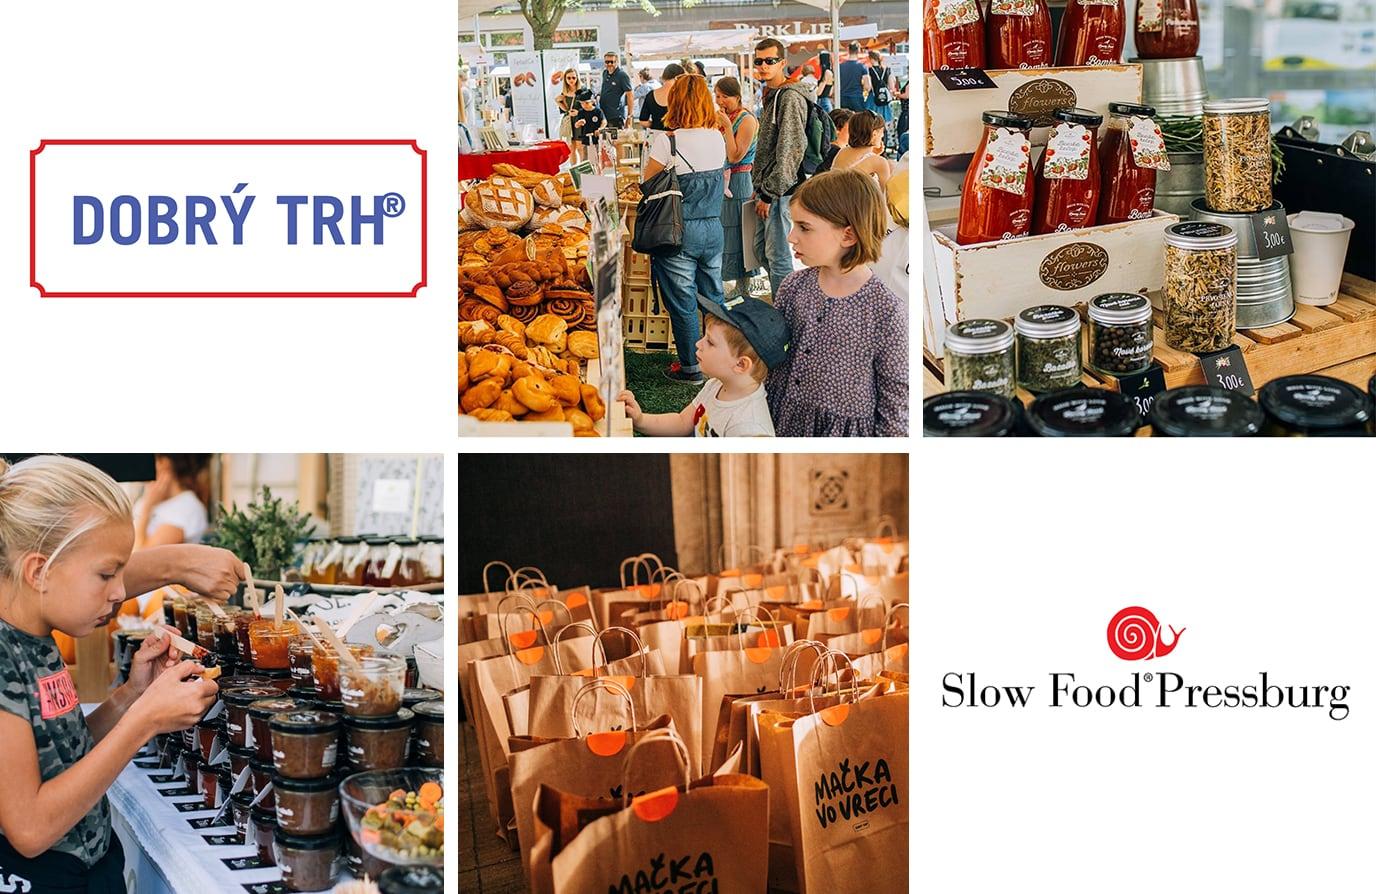 Dobrý trh + Slow Food